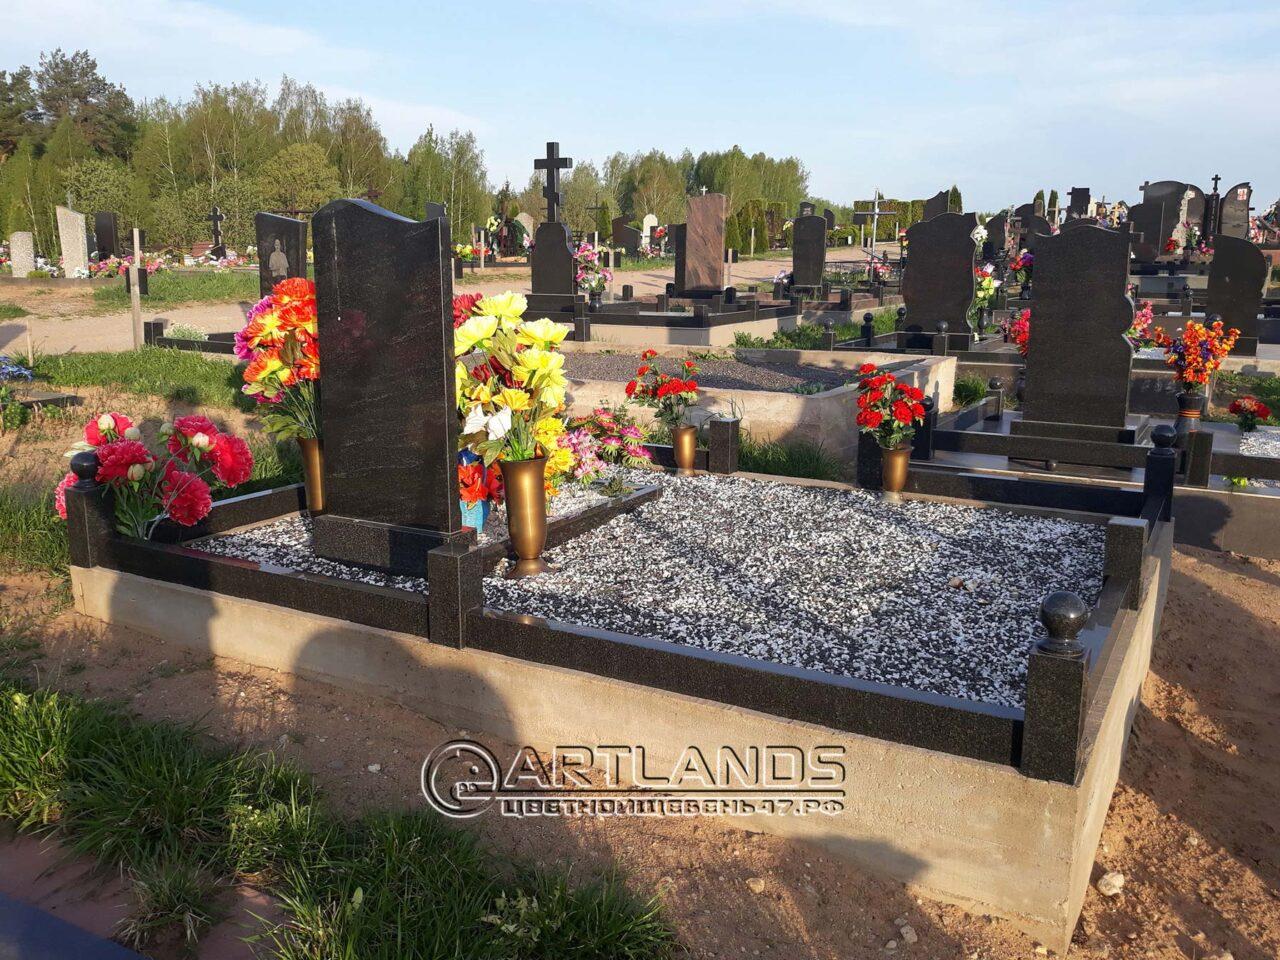 благоустройство могил фото, обустройство могил фото, где купить щебень для кладбища, цветной декоративный щебень для могил купить, гал 51